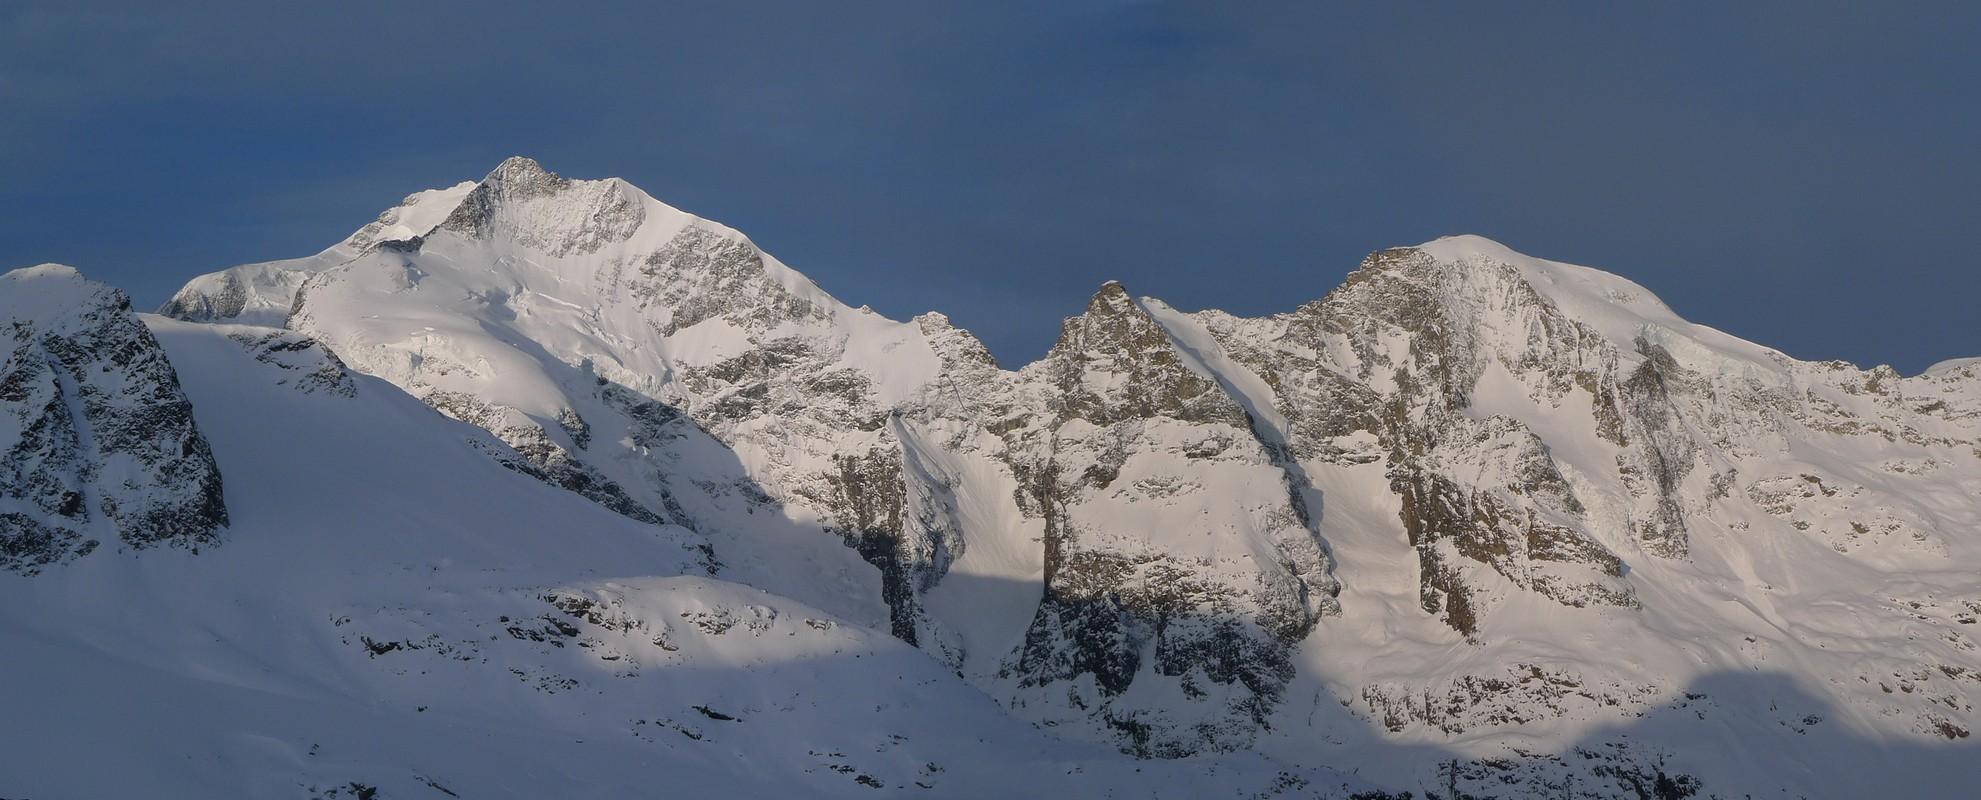 Diavolezza Berghaus Bernina Switzerland panorama 35